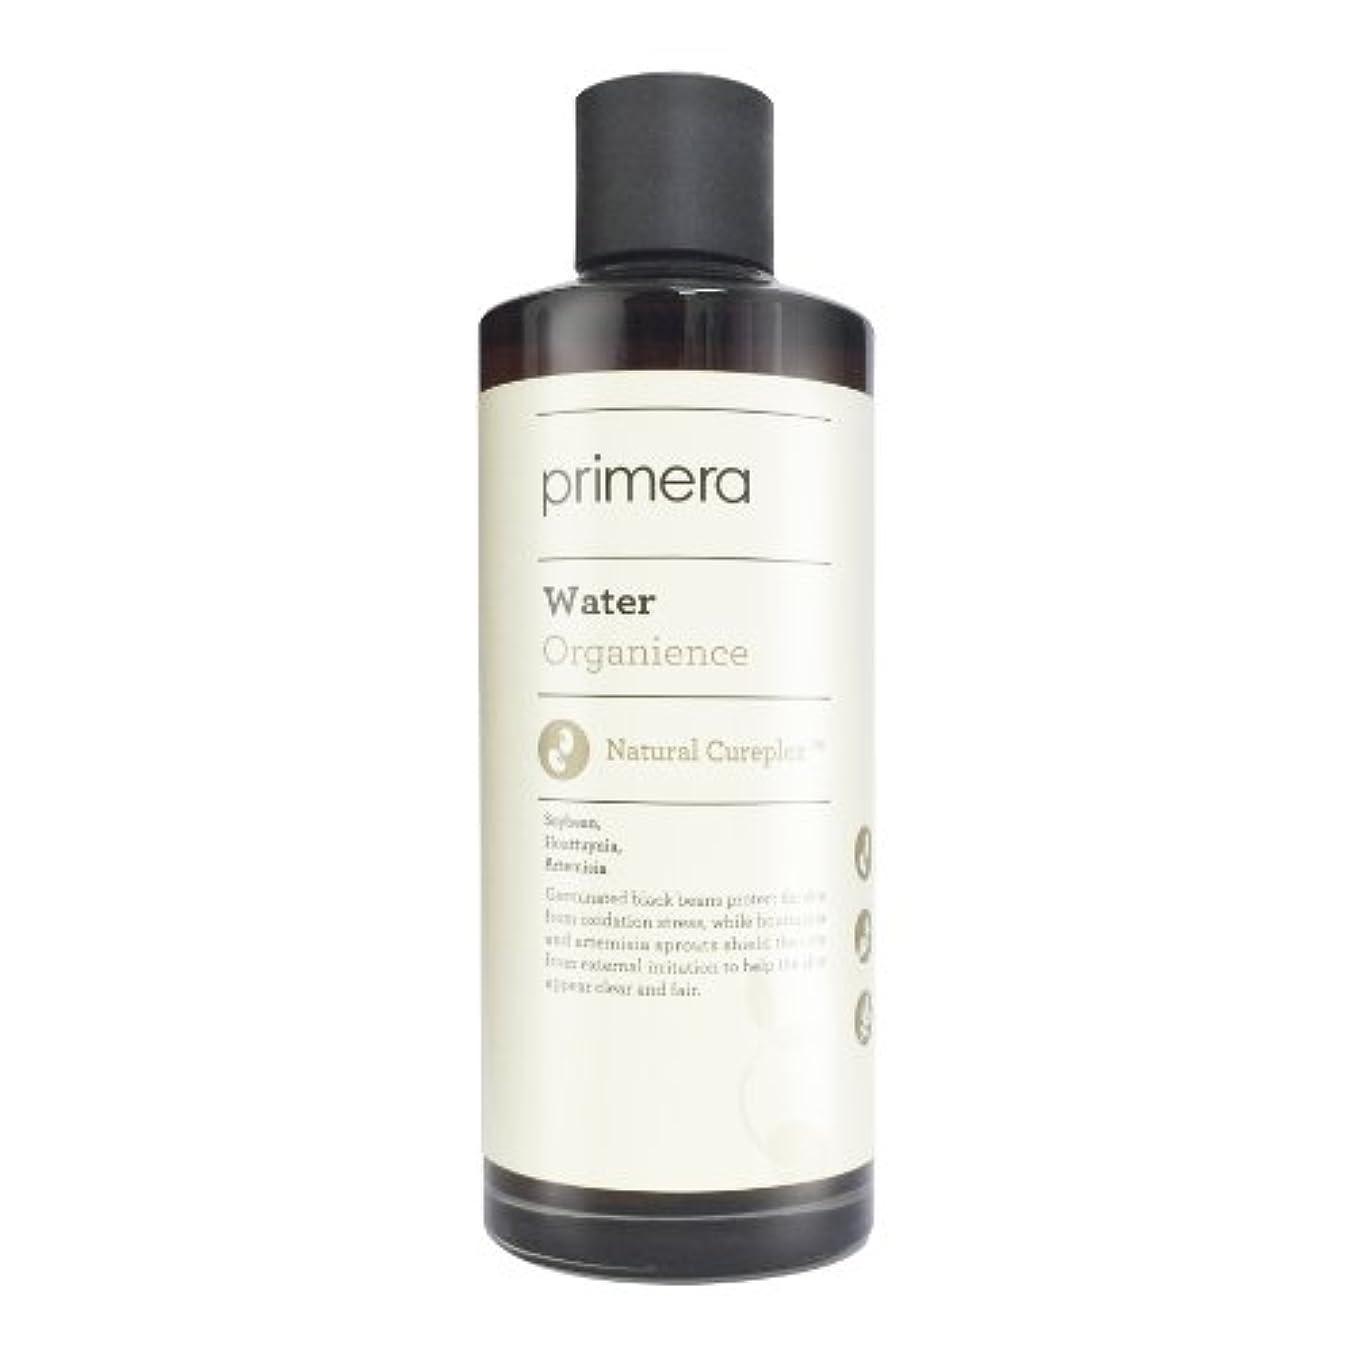 テント安全な半ばPrimera/プリメラ オーガニエンスウォーター180ml(Organience water)